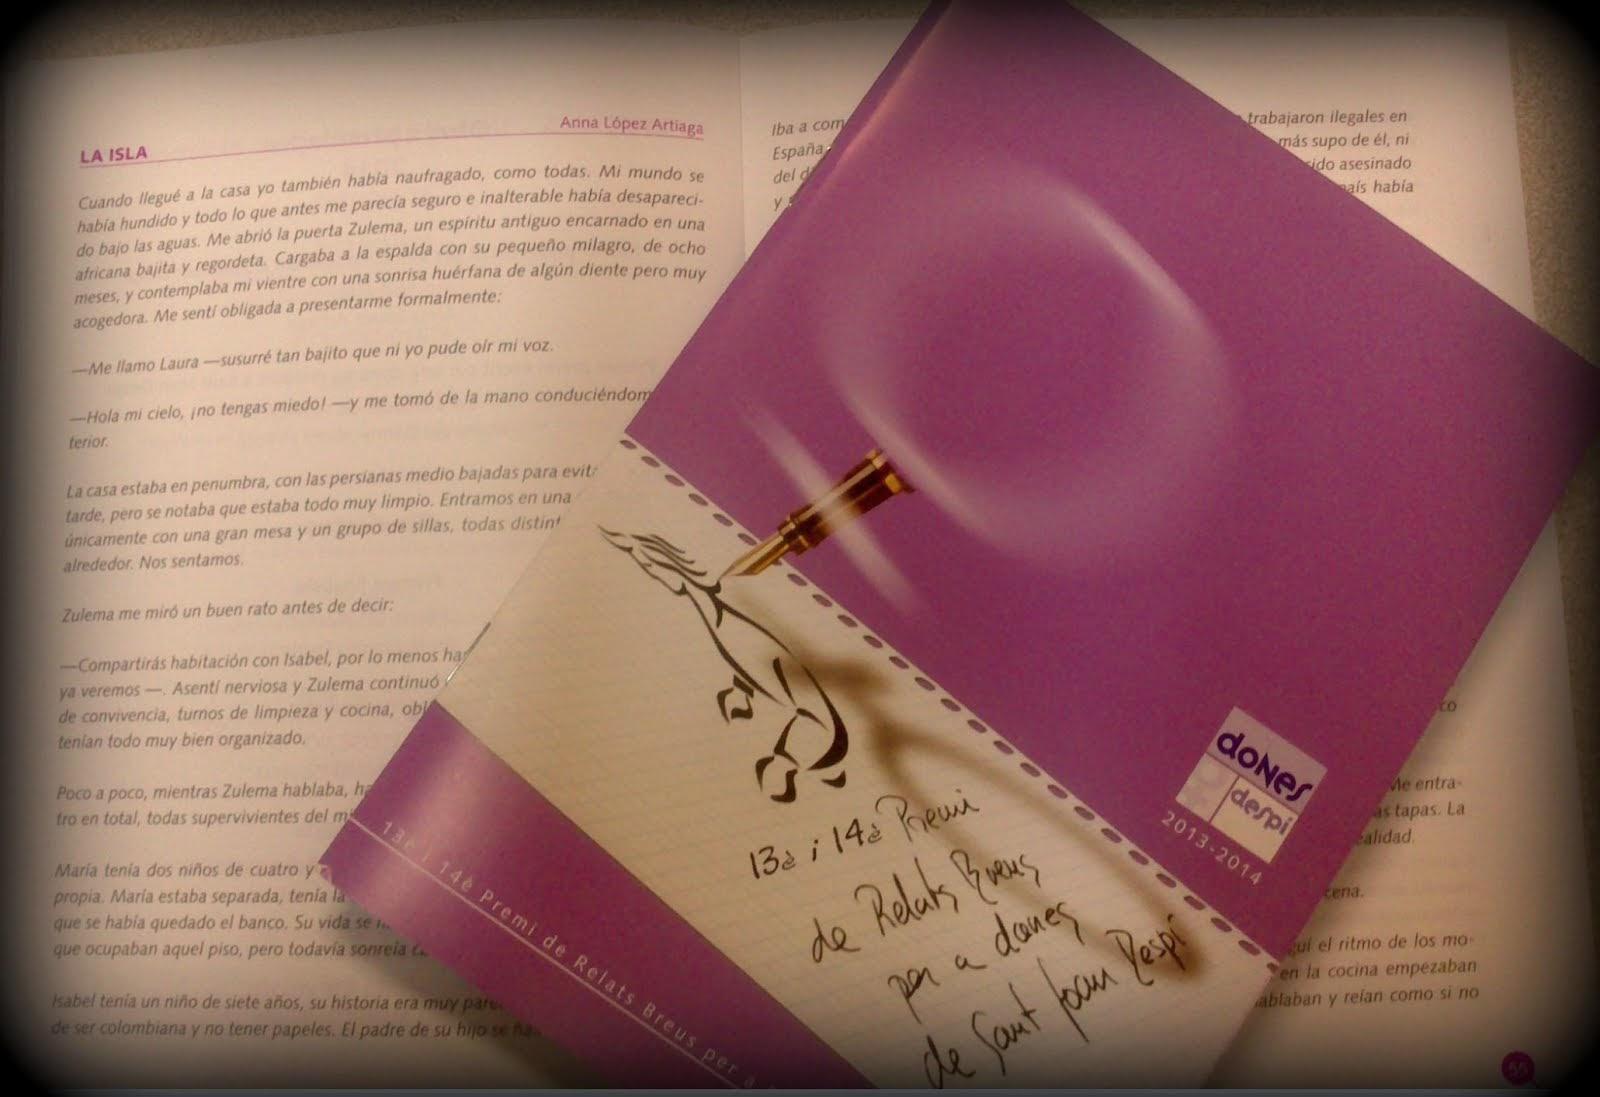 Dos de mis relatos publicados. Puedes descargar el libro haciendo clic en la imagen